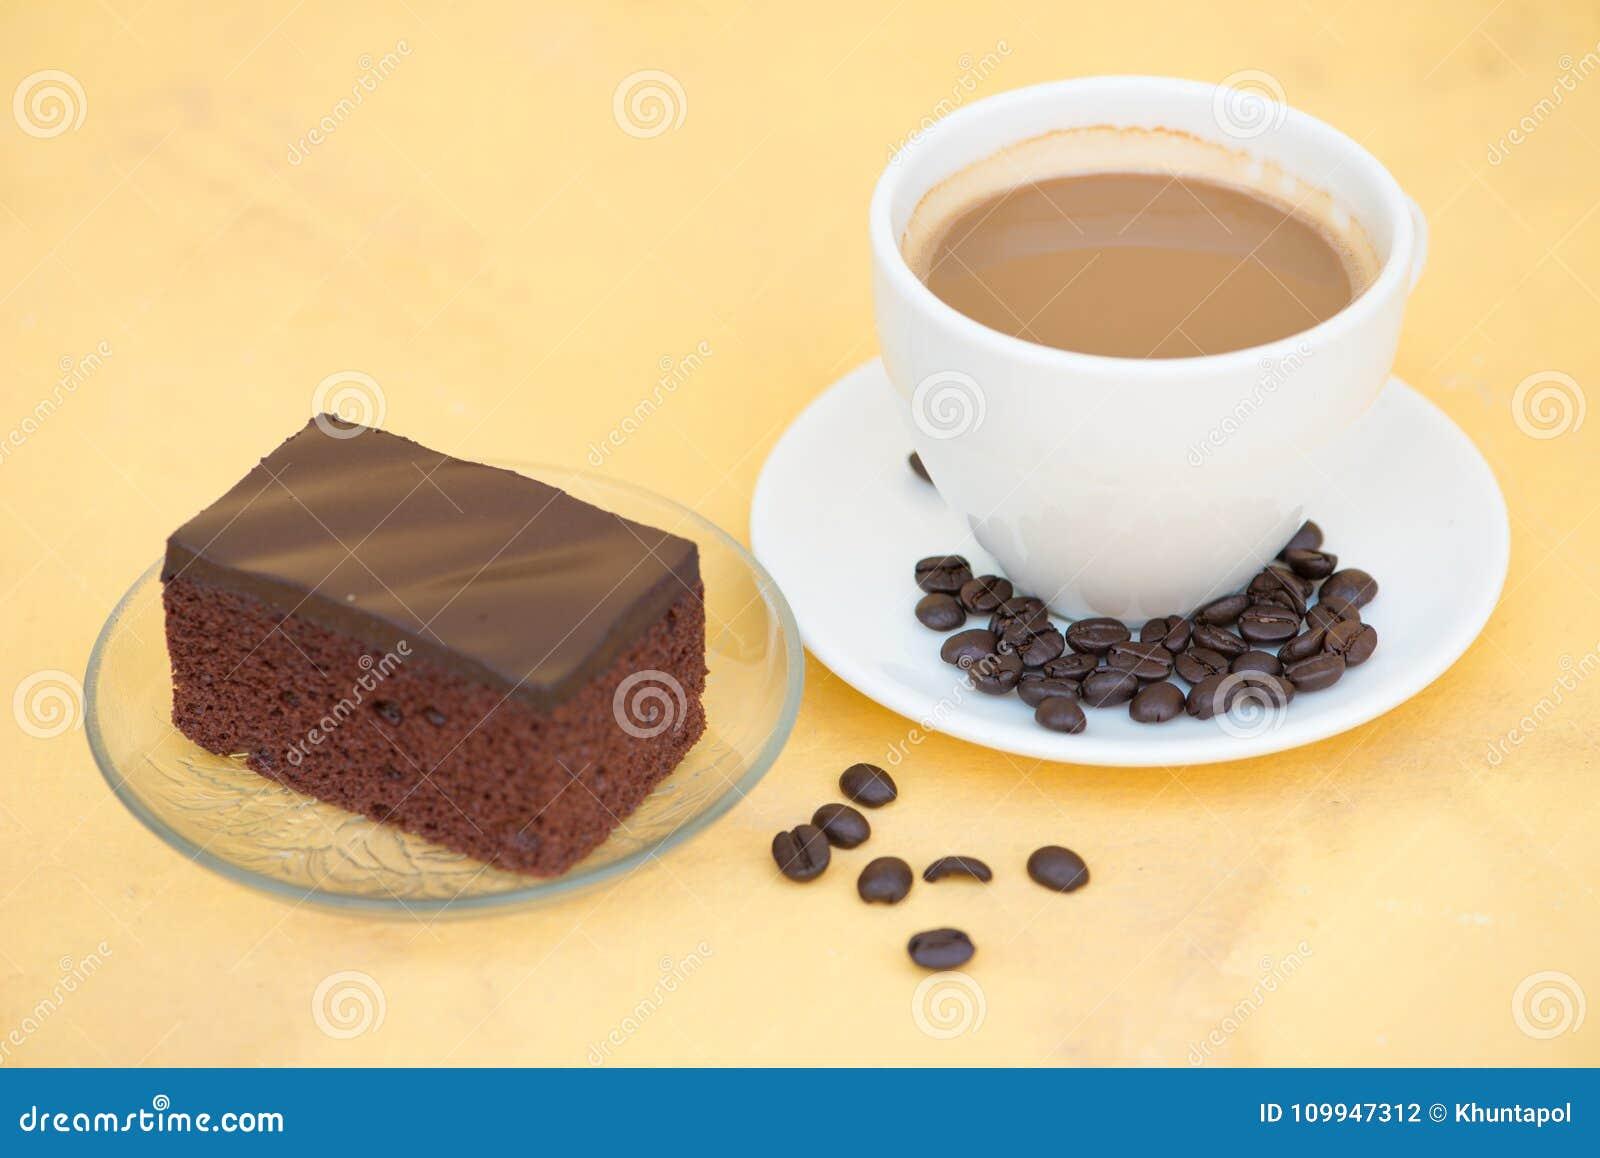 chokladkaka i kopp